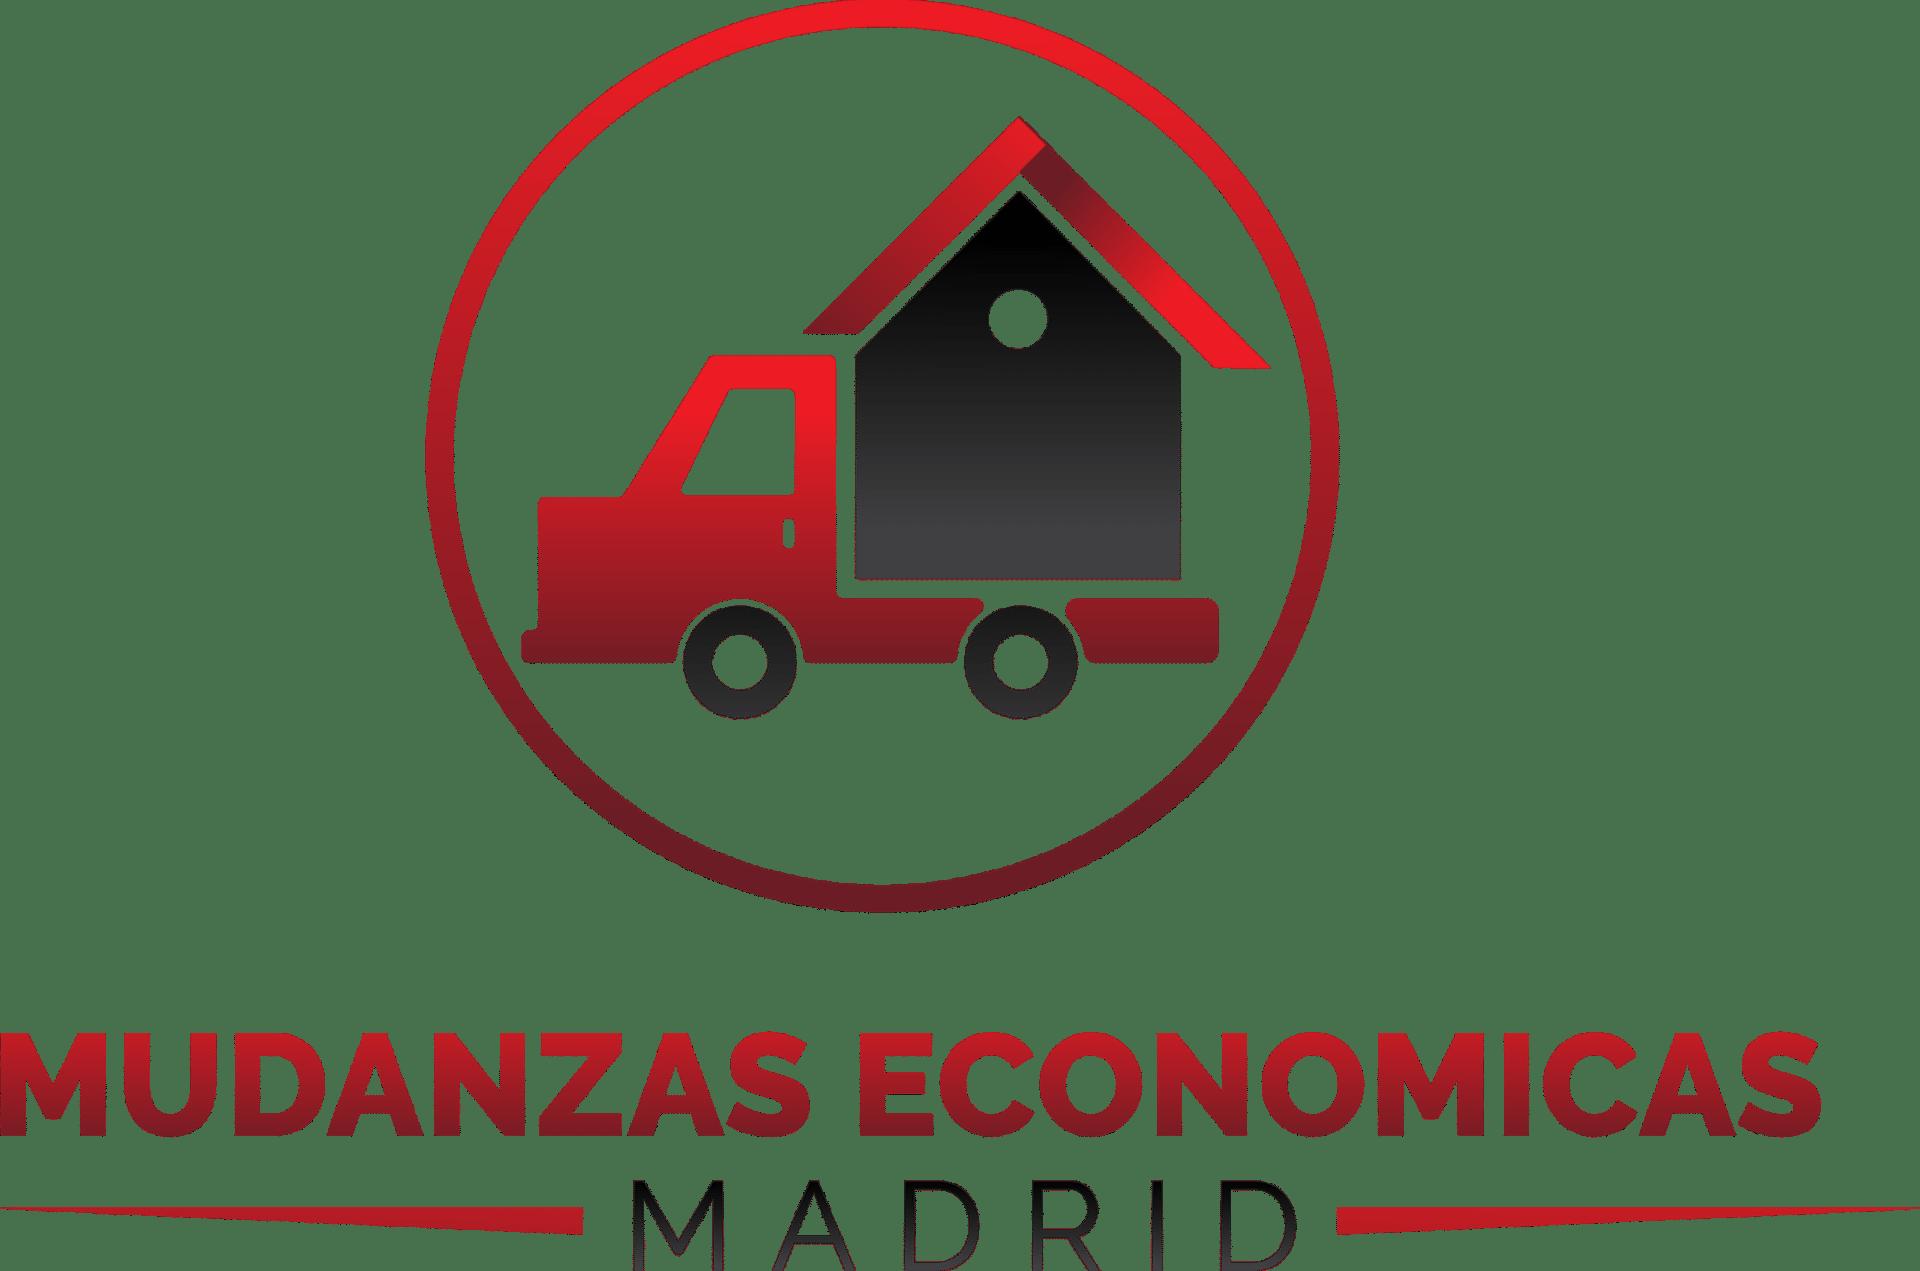 Mudanzas Madrid Economicas | 910 78 32 25